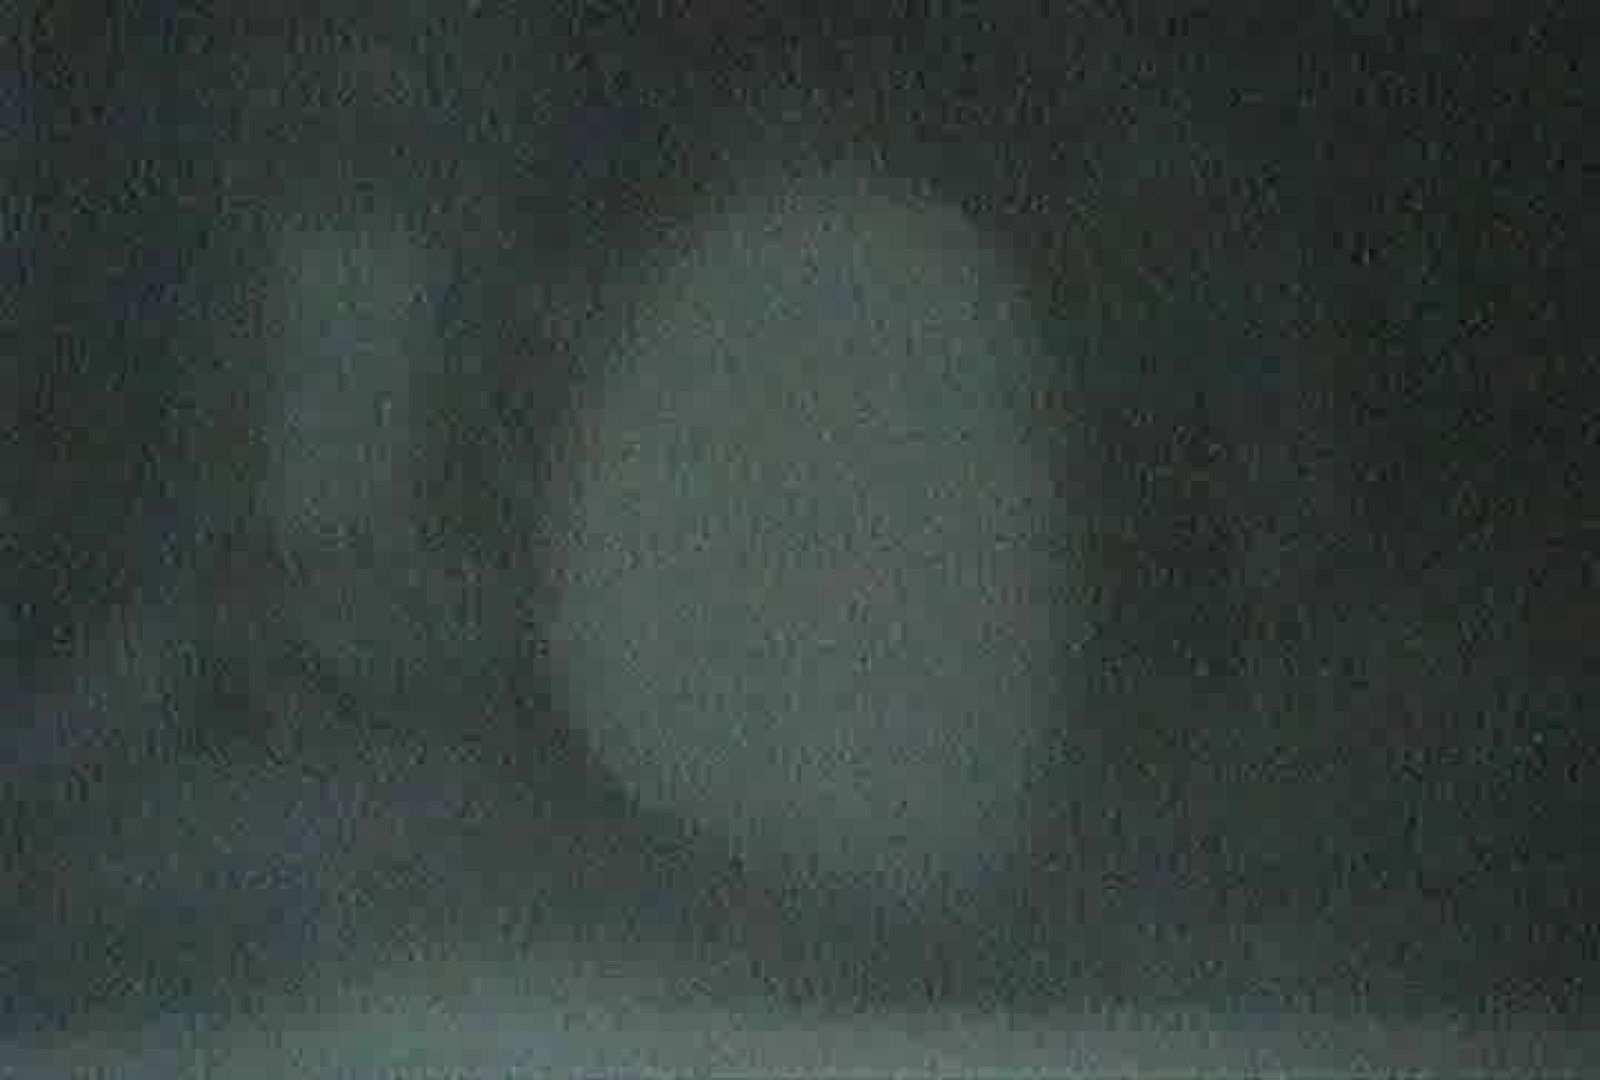 充血監督の深夜の運動会Vol.73 エロティックなOL  86画像 81